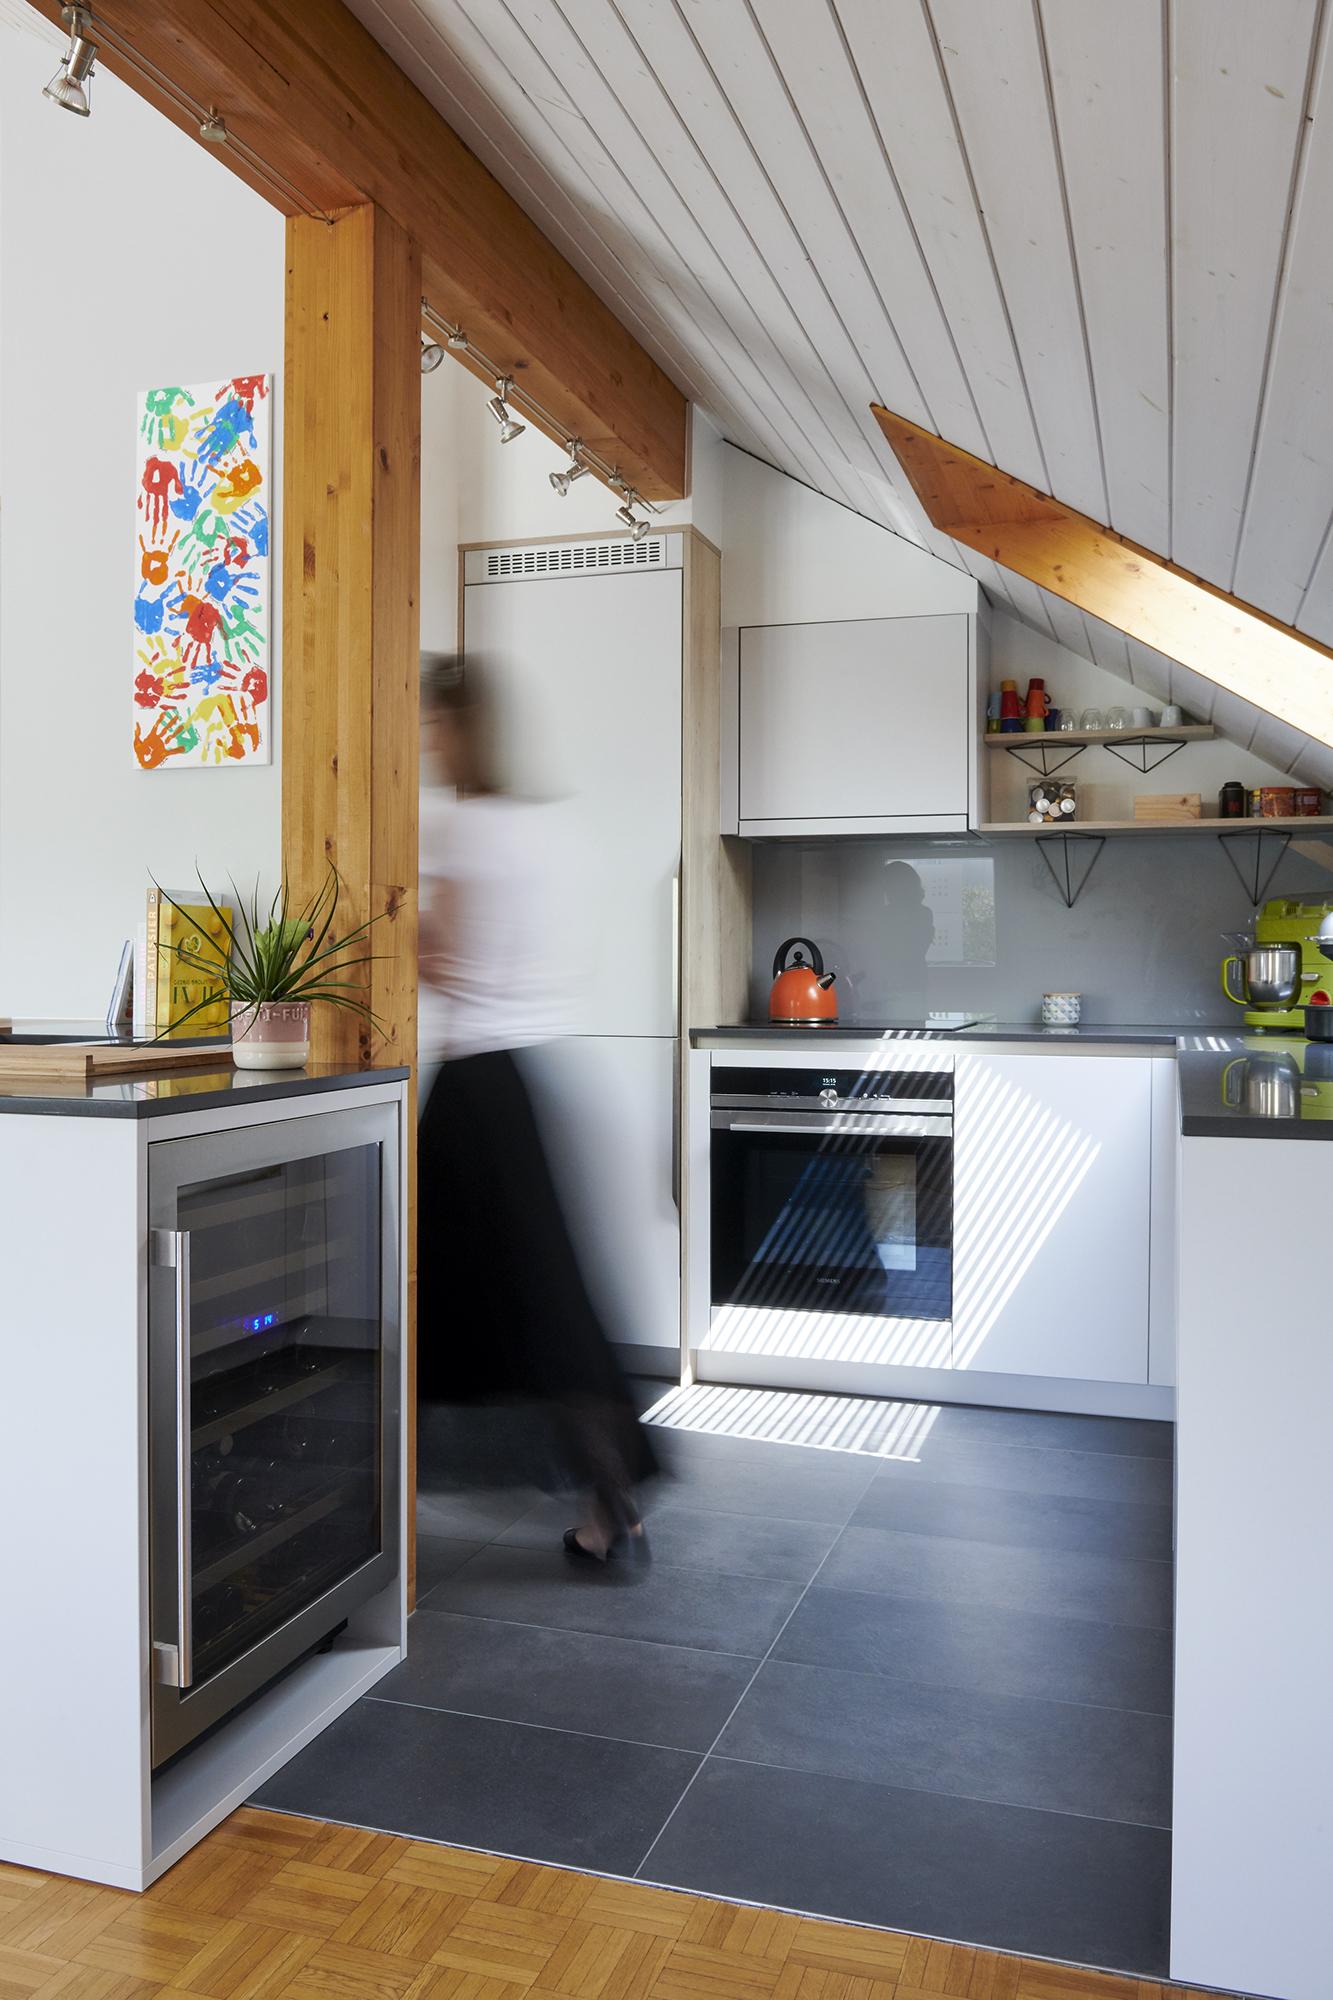 Rénovation de cuisine B & C